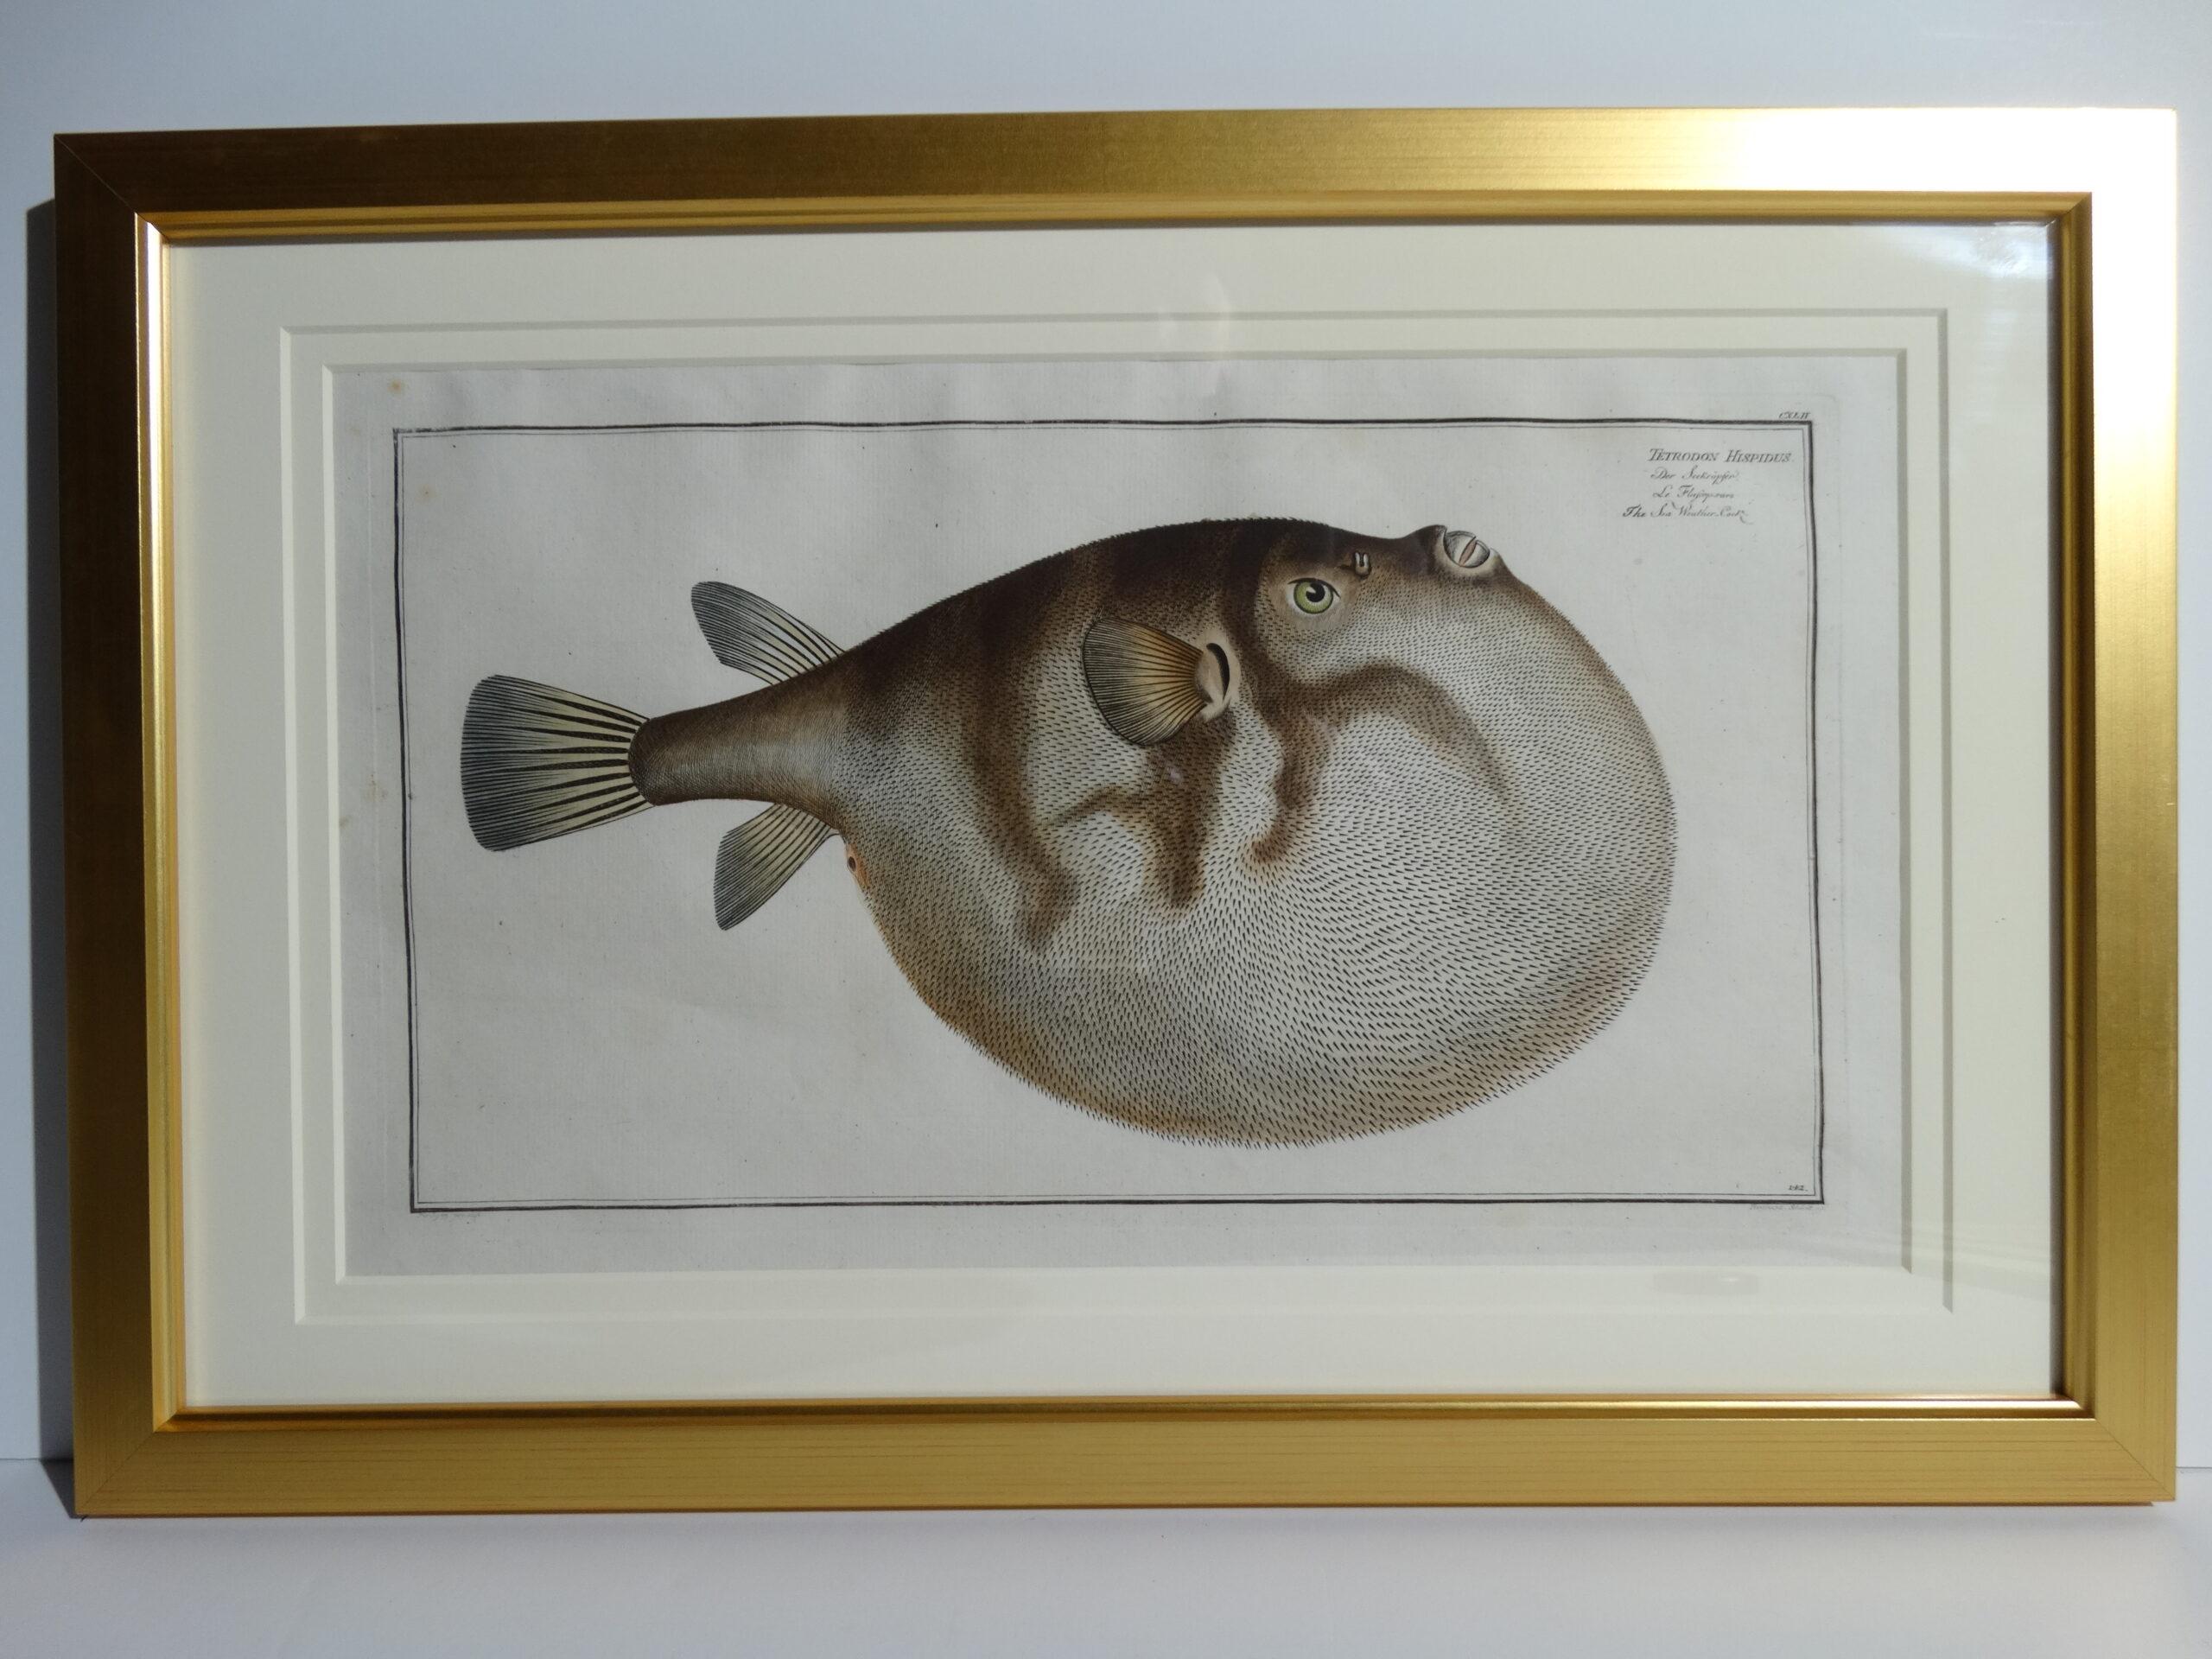 Bloch Fish Engraving Framed9